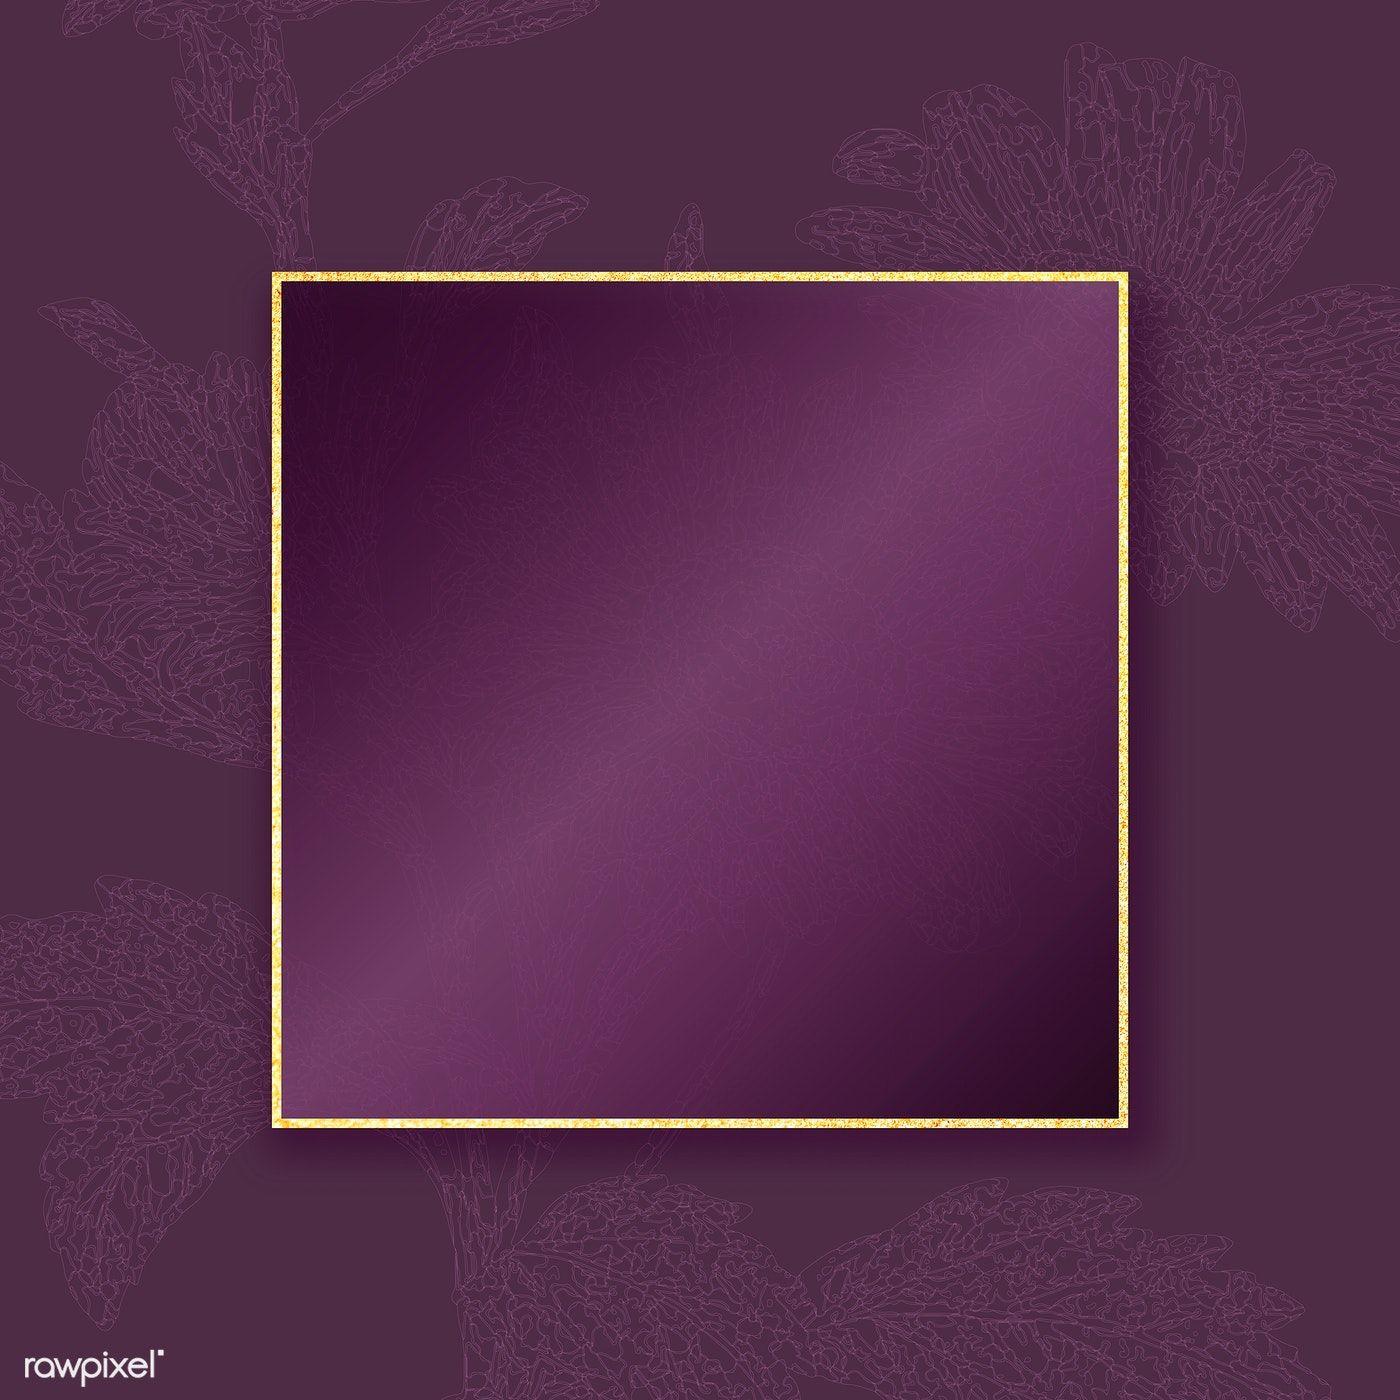 Download Premium Vector Of Elegant Gold Frame On Floral Pattern Background Background Patterns Photo Frame Design Vector Background Pattern